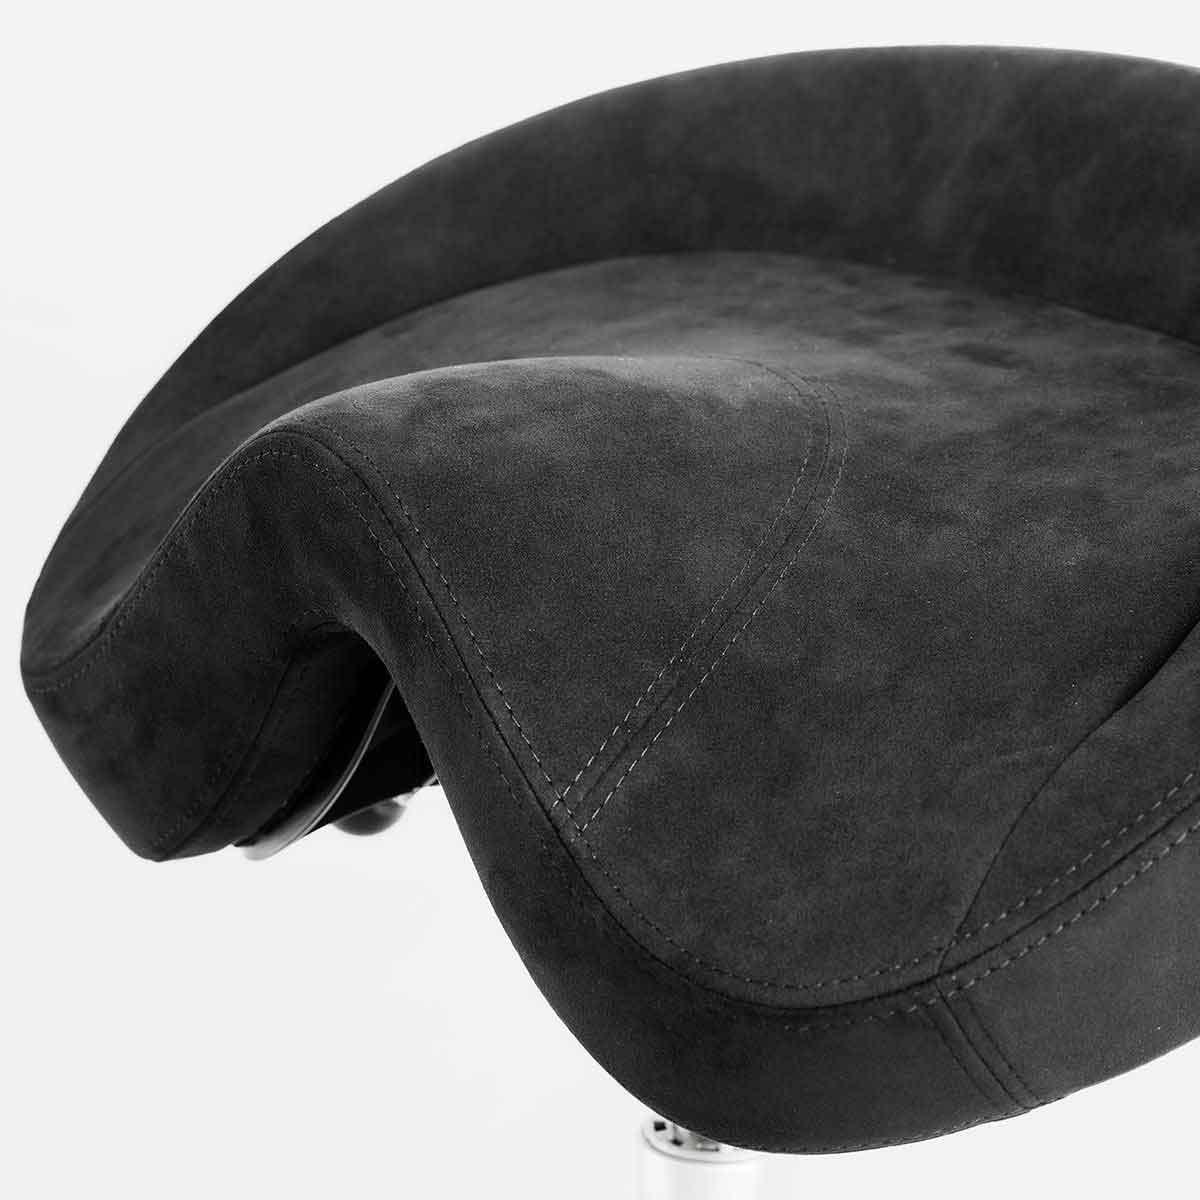 BackApp - pehmeä ja miellyttävä istua